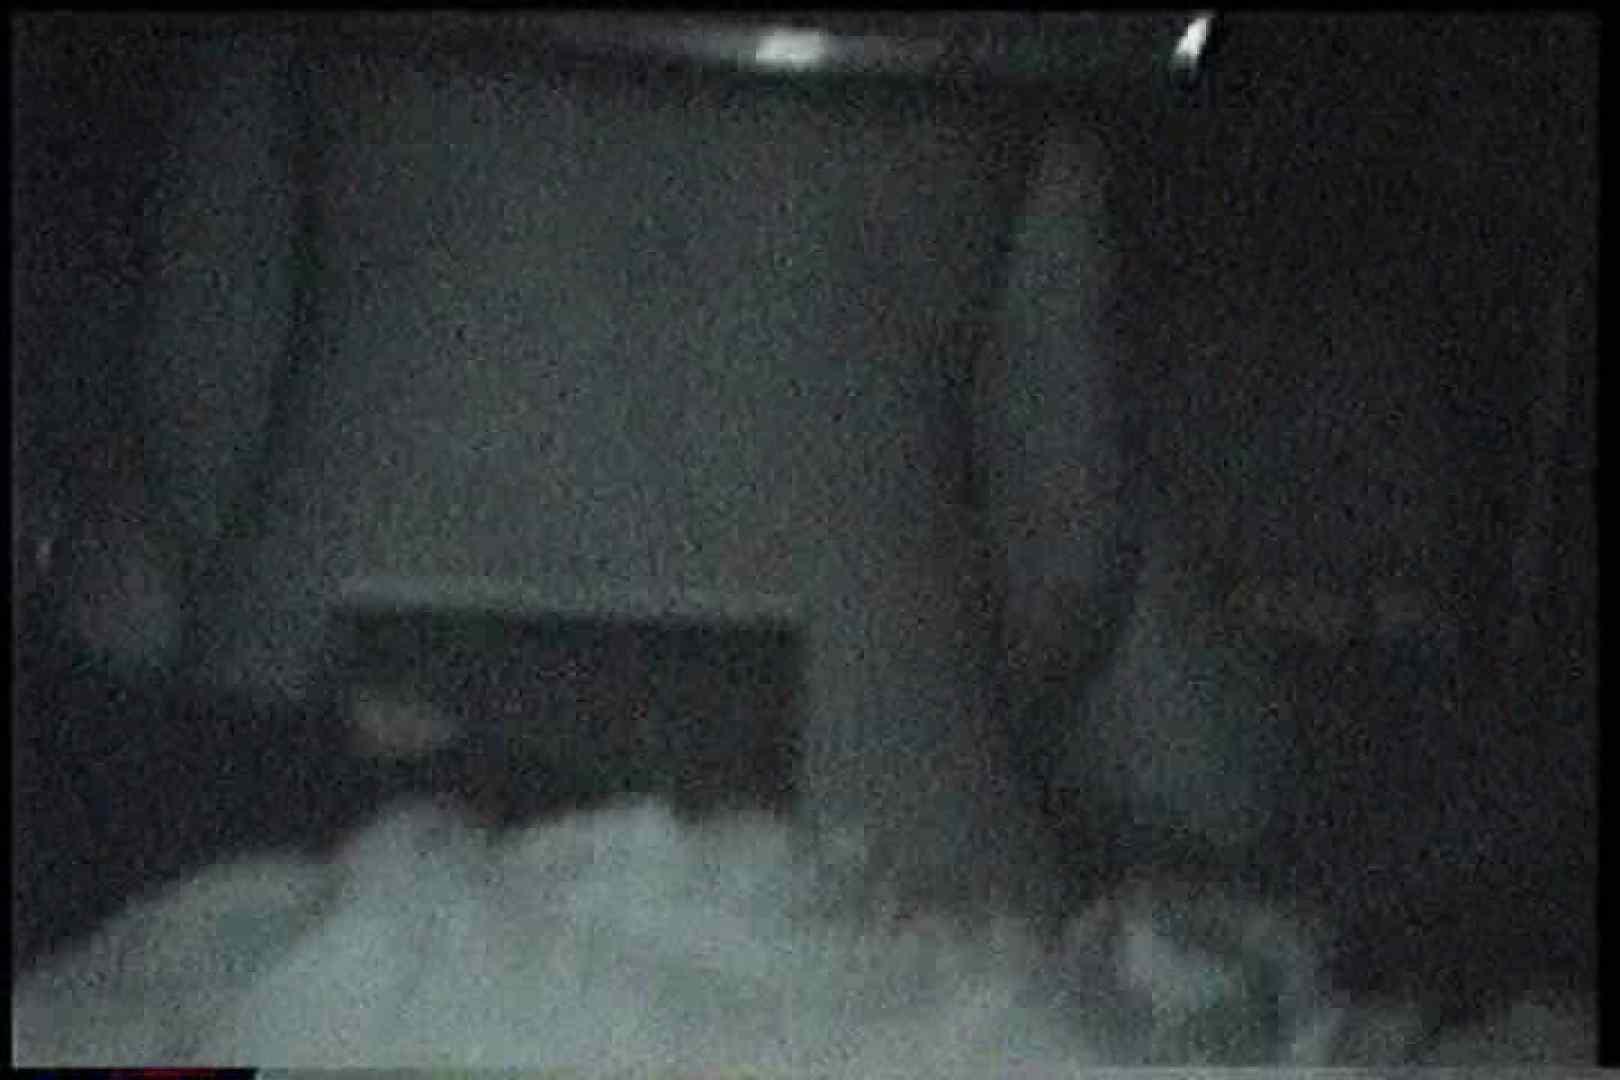 充血監督の深夜の運動会Vol.192 エロティックなOL | カーセックス  79画像 1